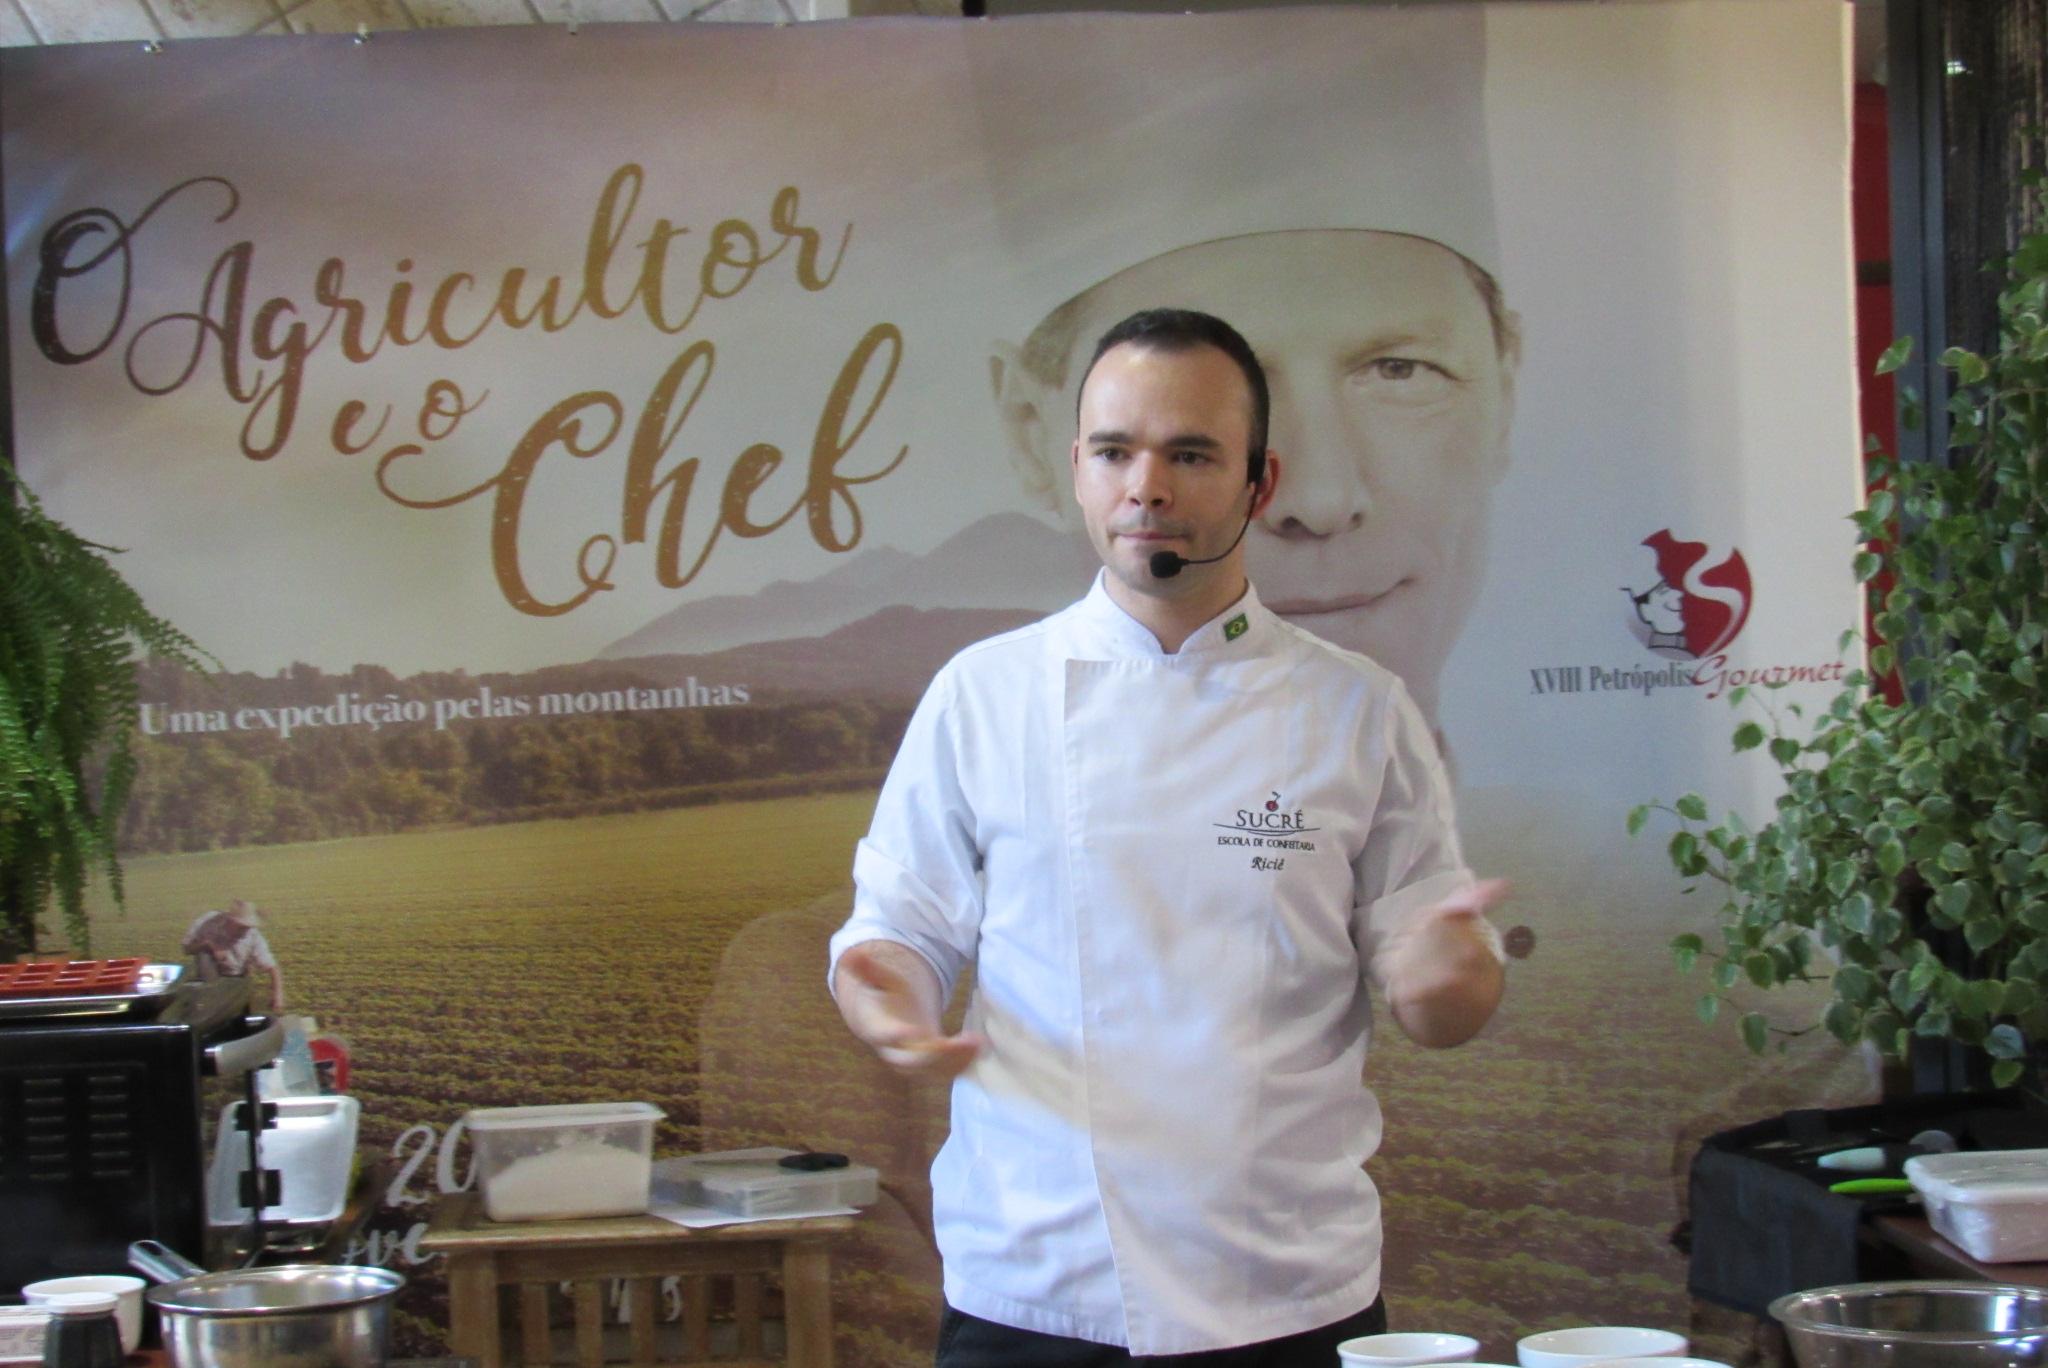 Petrópolis Gourmet chega ao fim com resultados altamente positivos